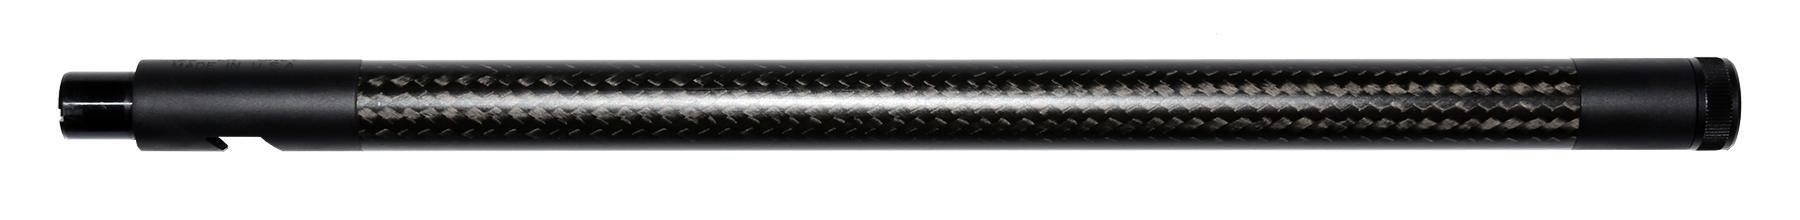 """Micro Groove Barrels Designed For Ruger® 10/22® - 920"""" Carbon Fiber Tension Barrel"""